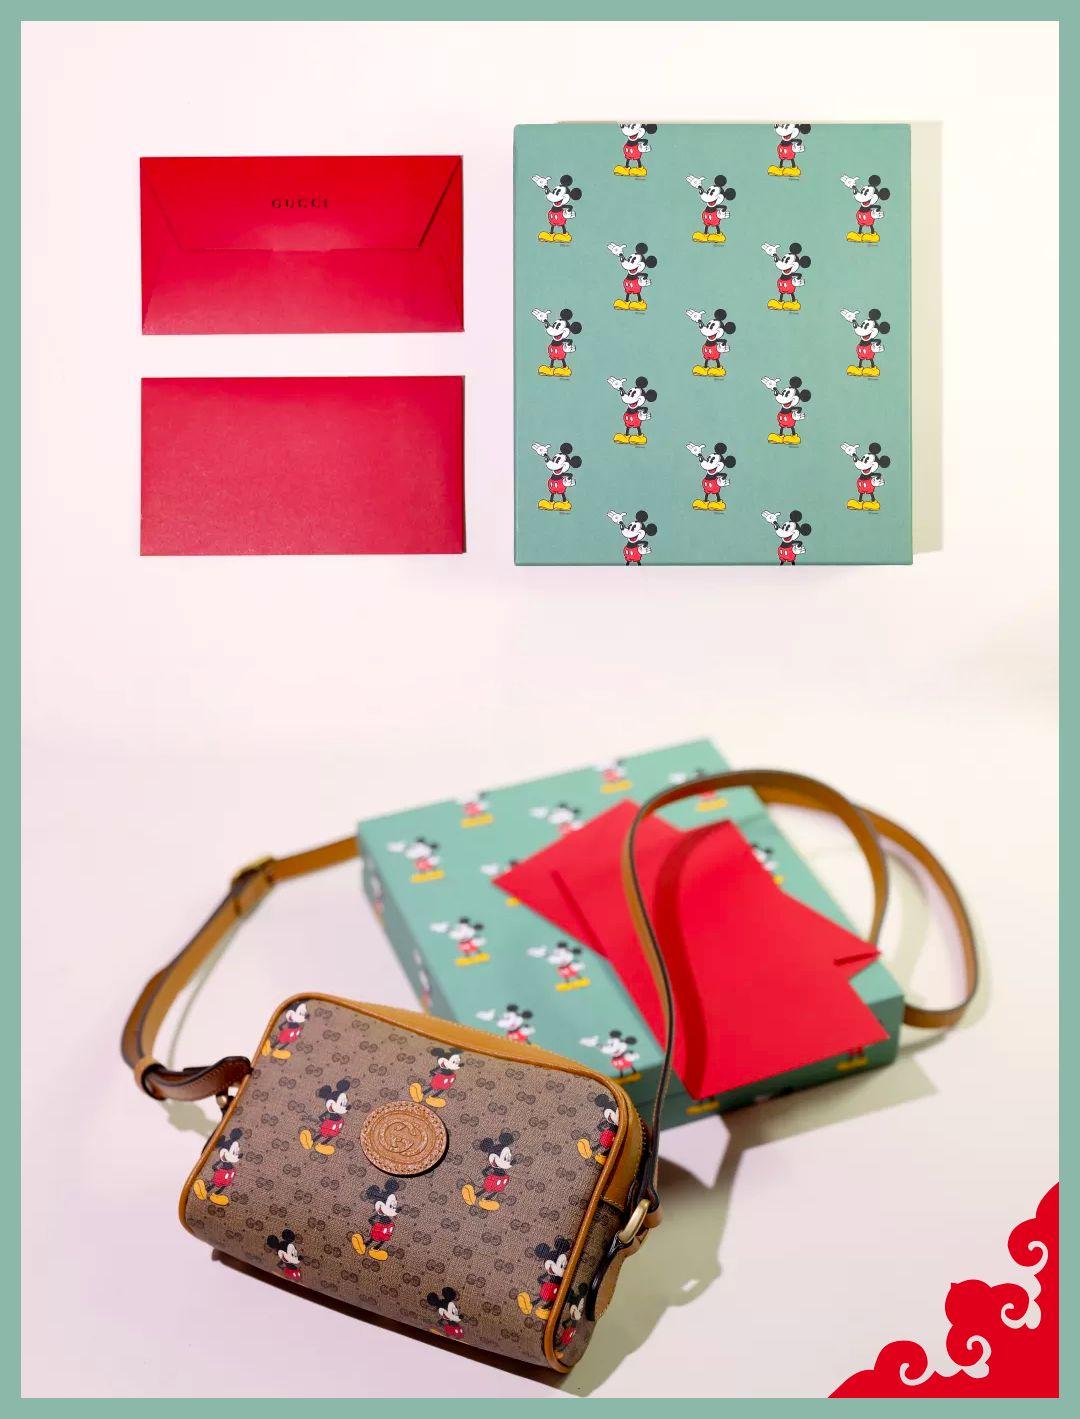 今天送红包 | 26个大牌新年礼物,一次看到够!